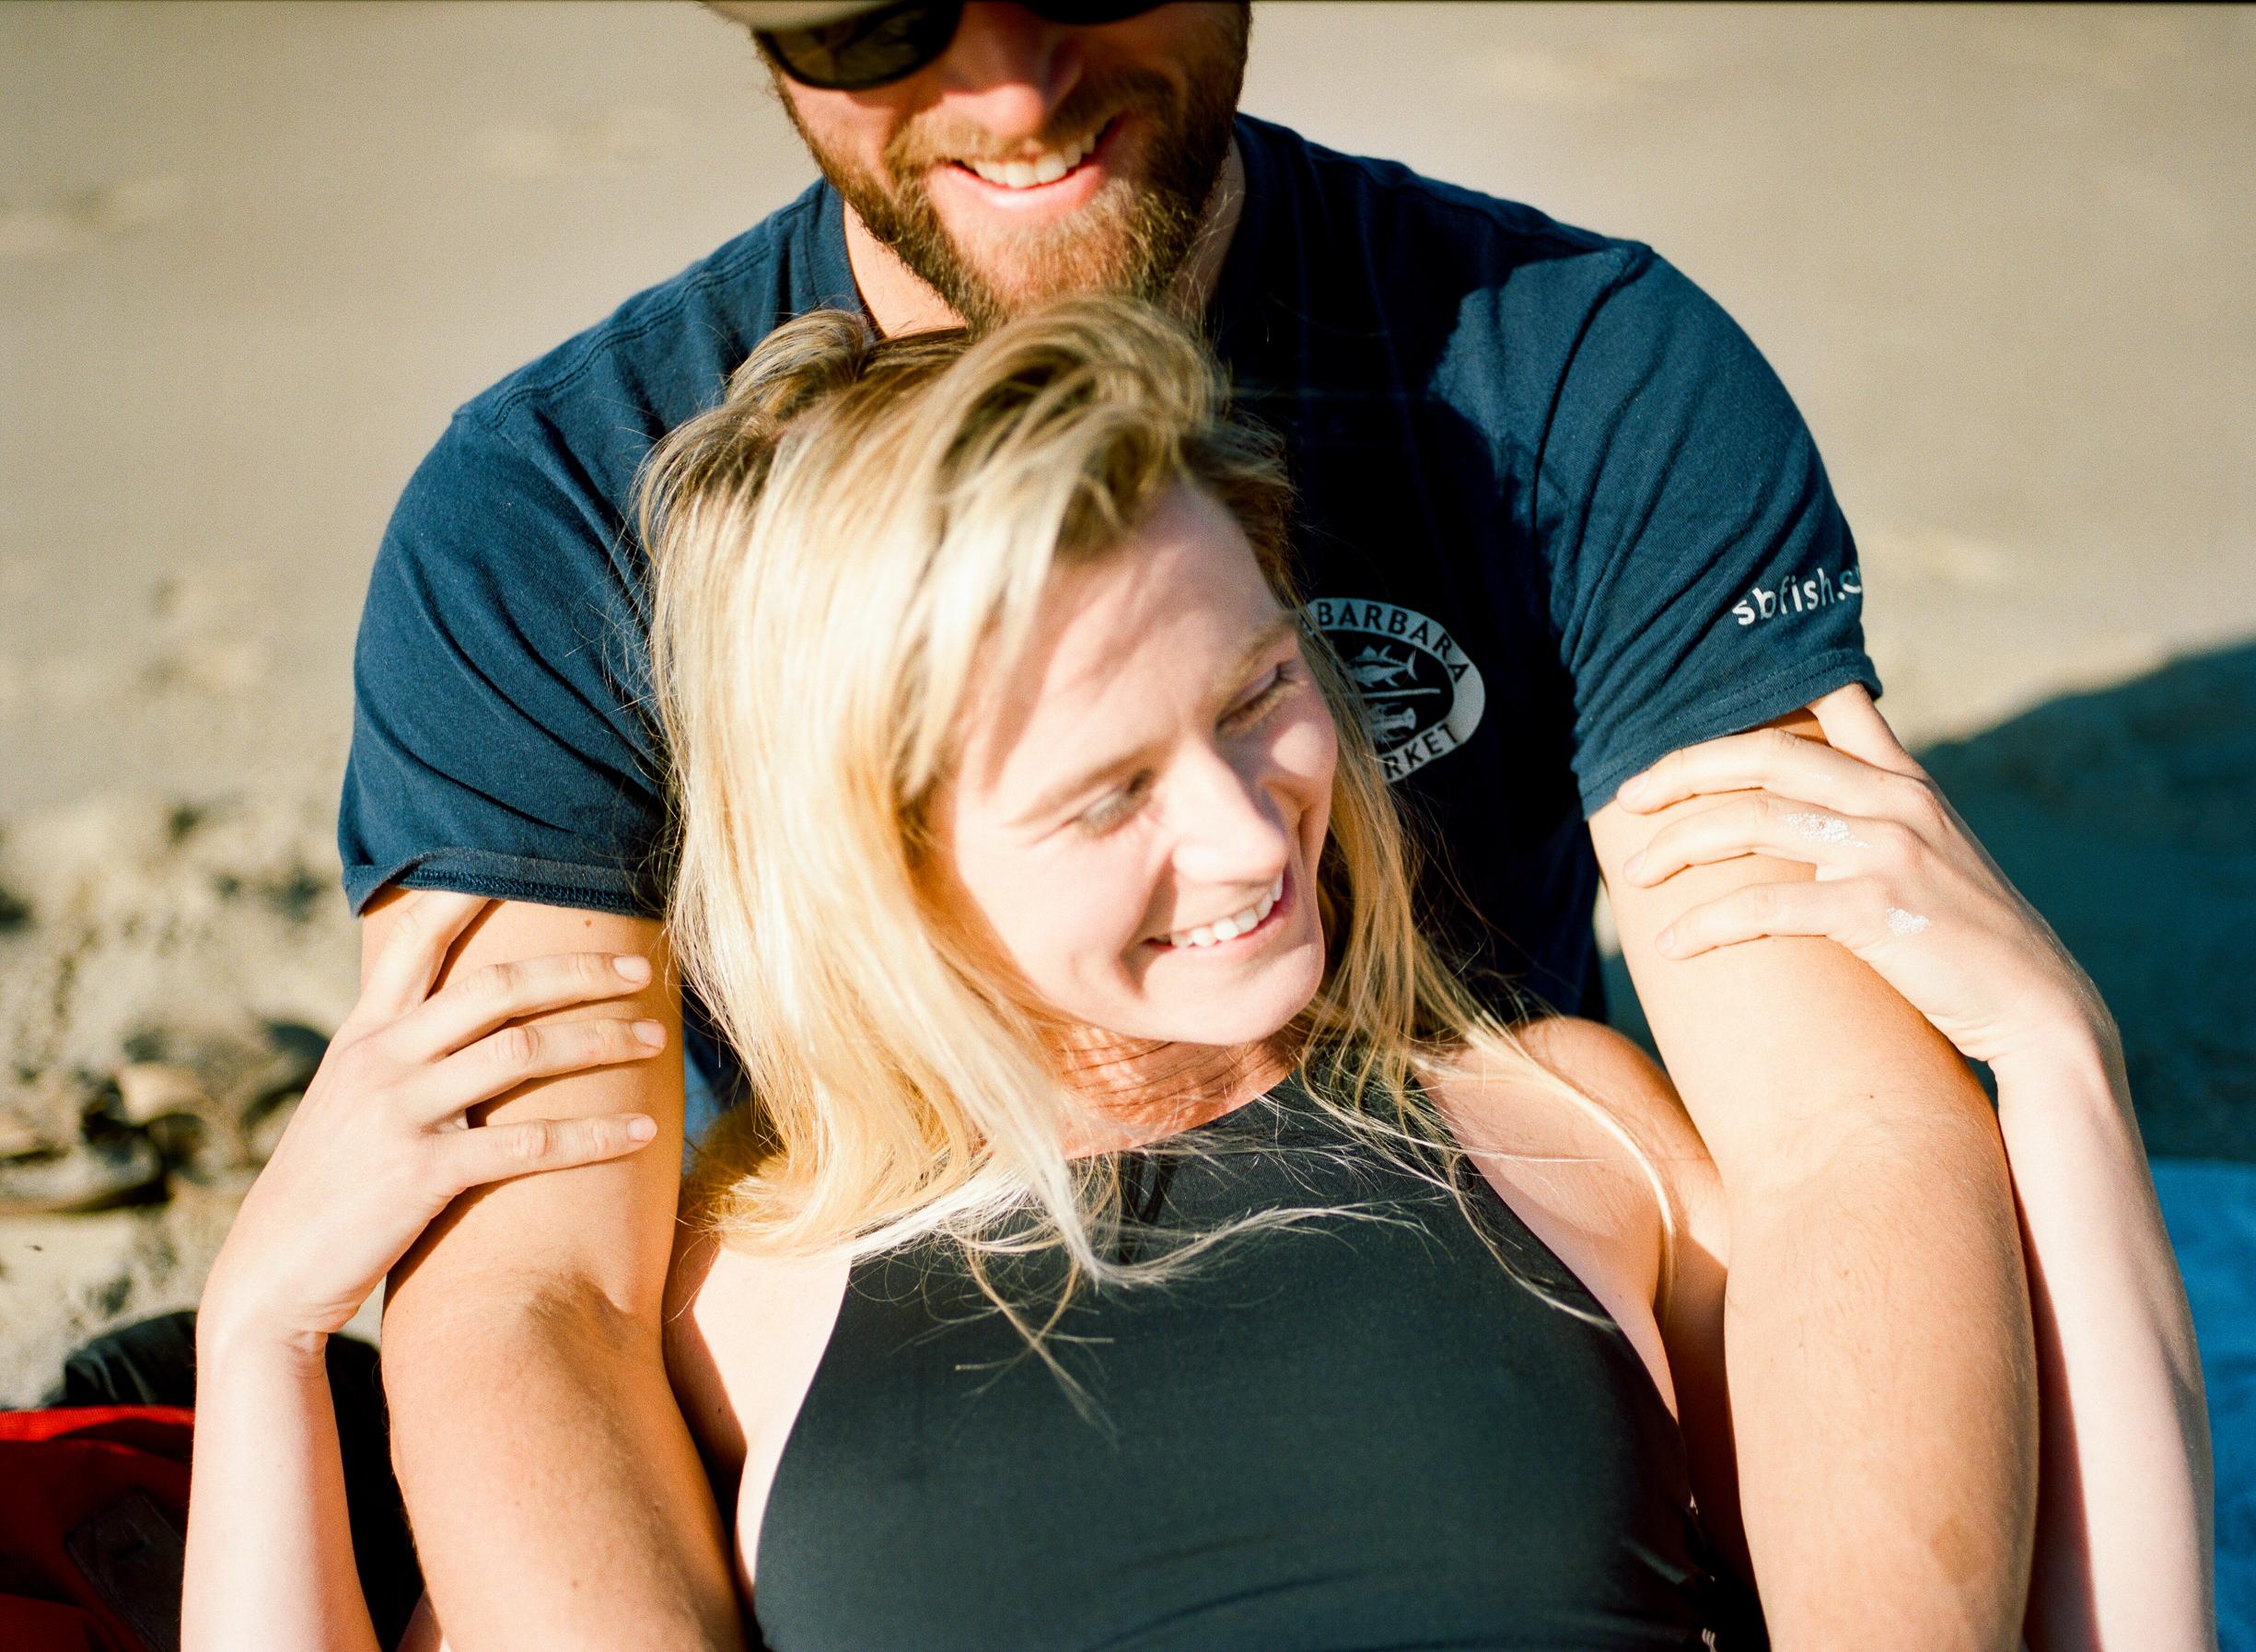 Cathlin McCullough surf lifestyle-19.jpg